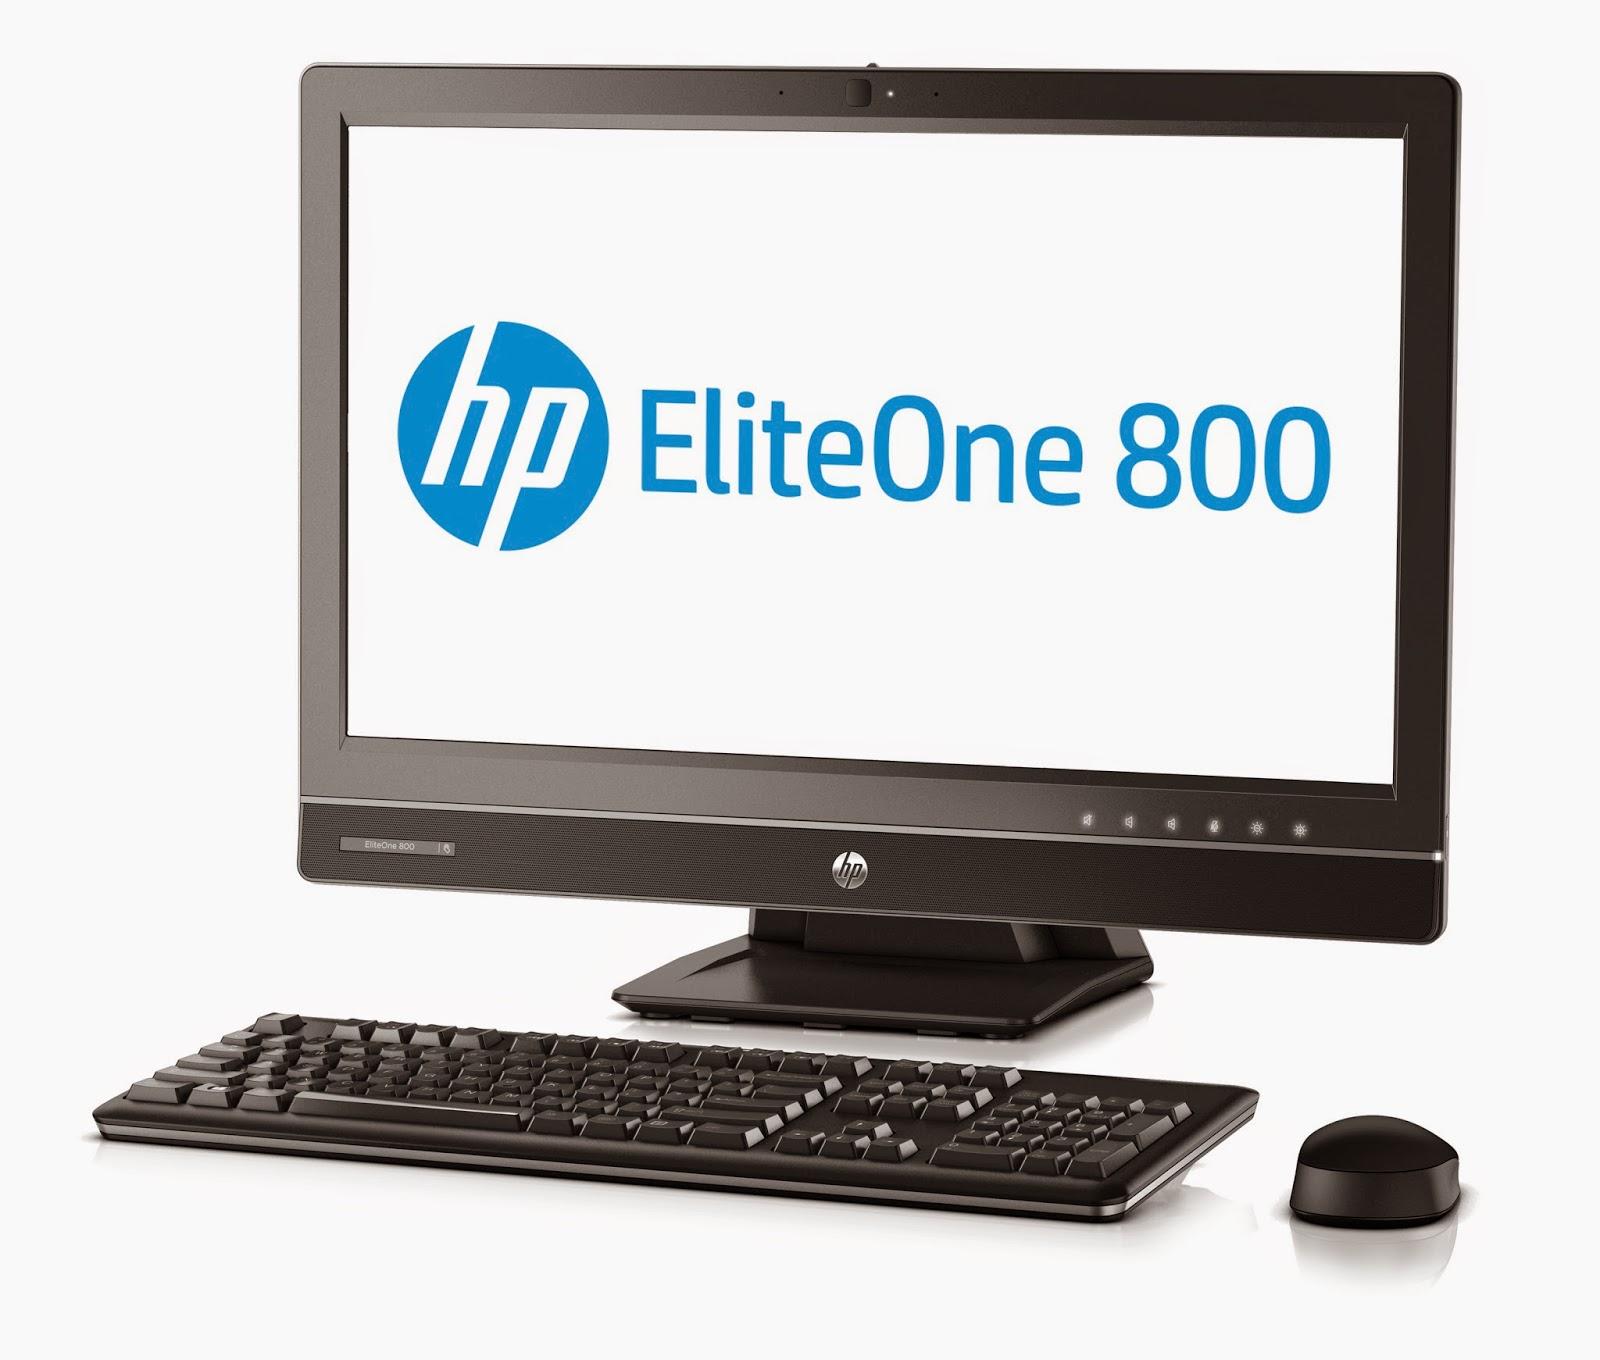 HP EliteOne 800 на белом фоне